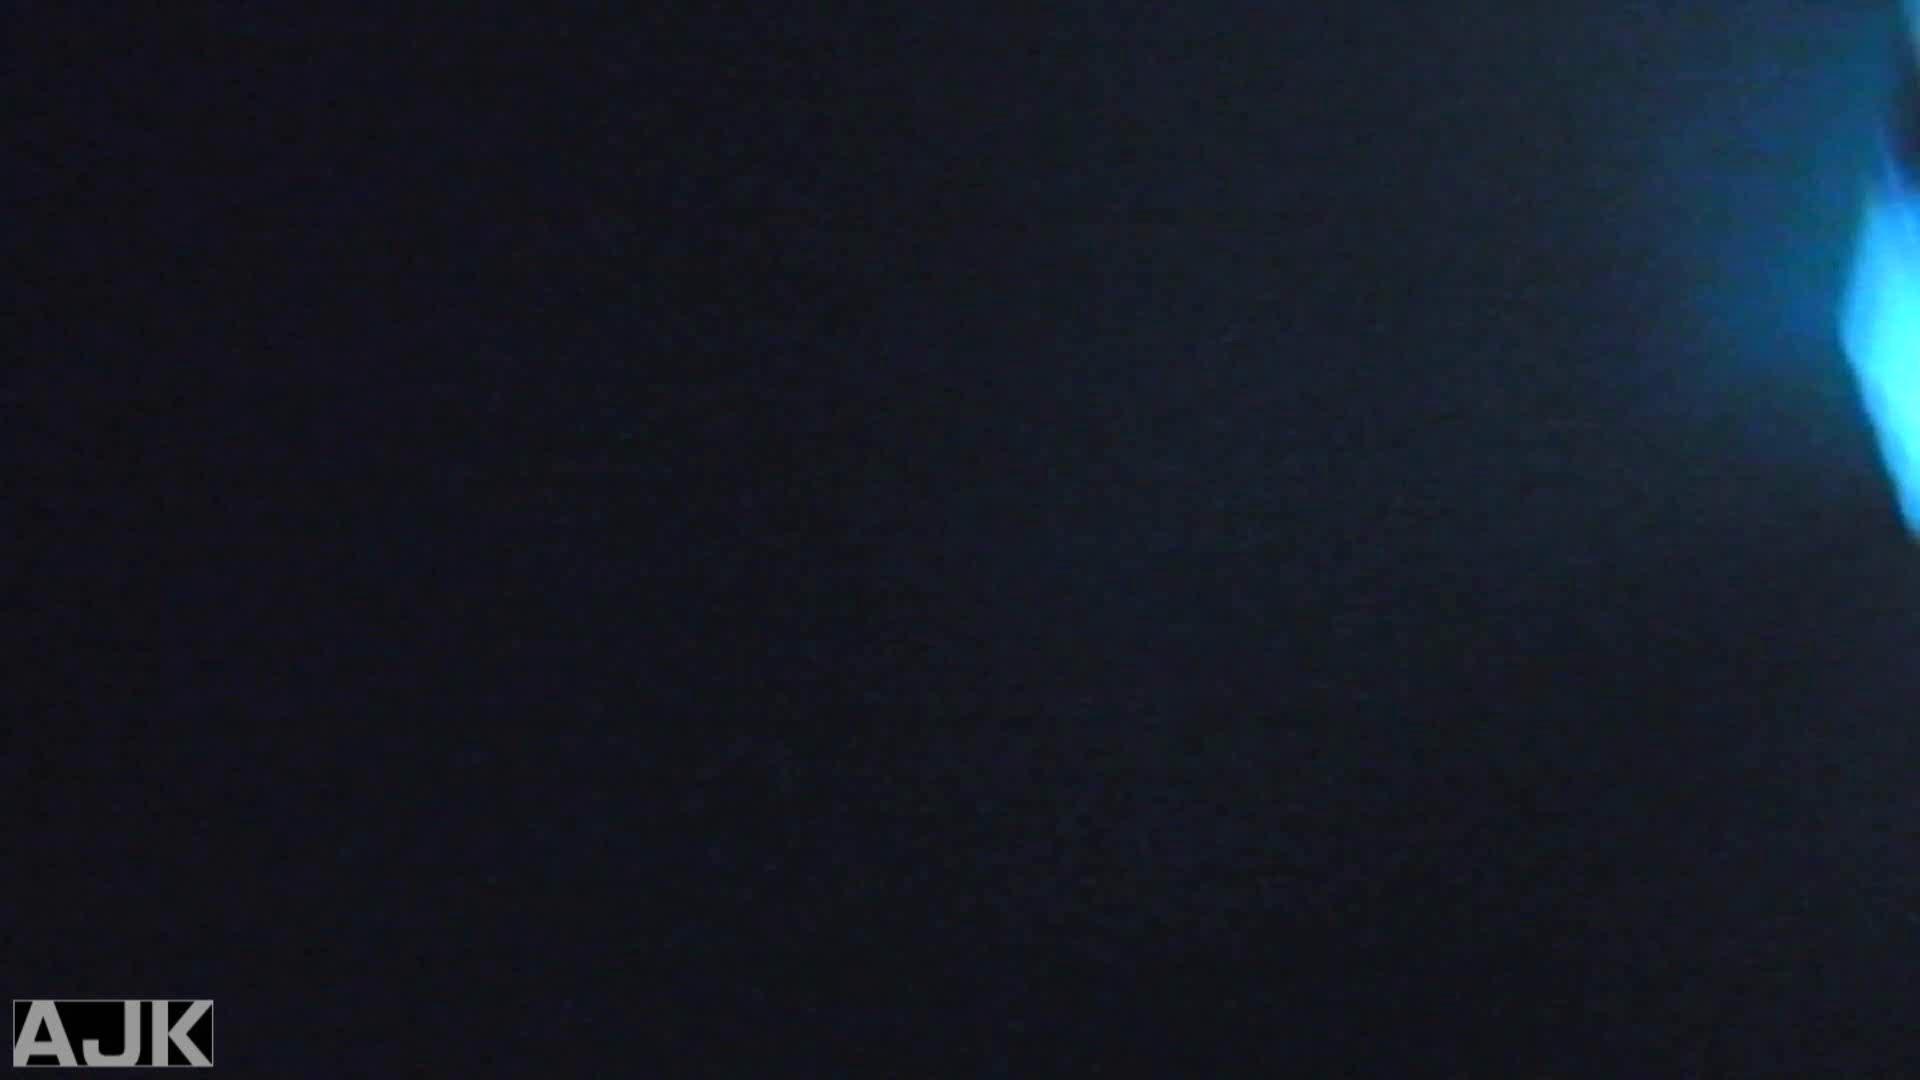 神降臨!史上最強の潜入かわや! vol.22 盗撮師作品 覗きおまんこ画像 96pic 16